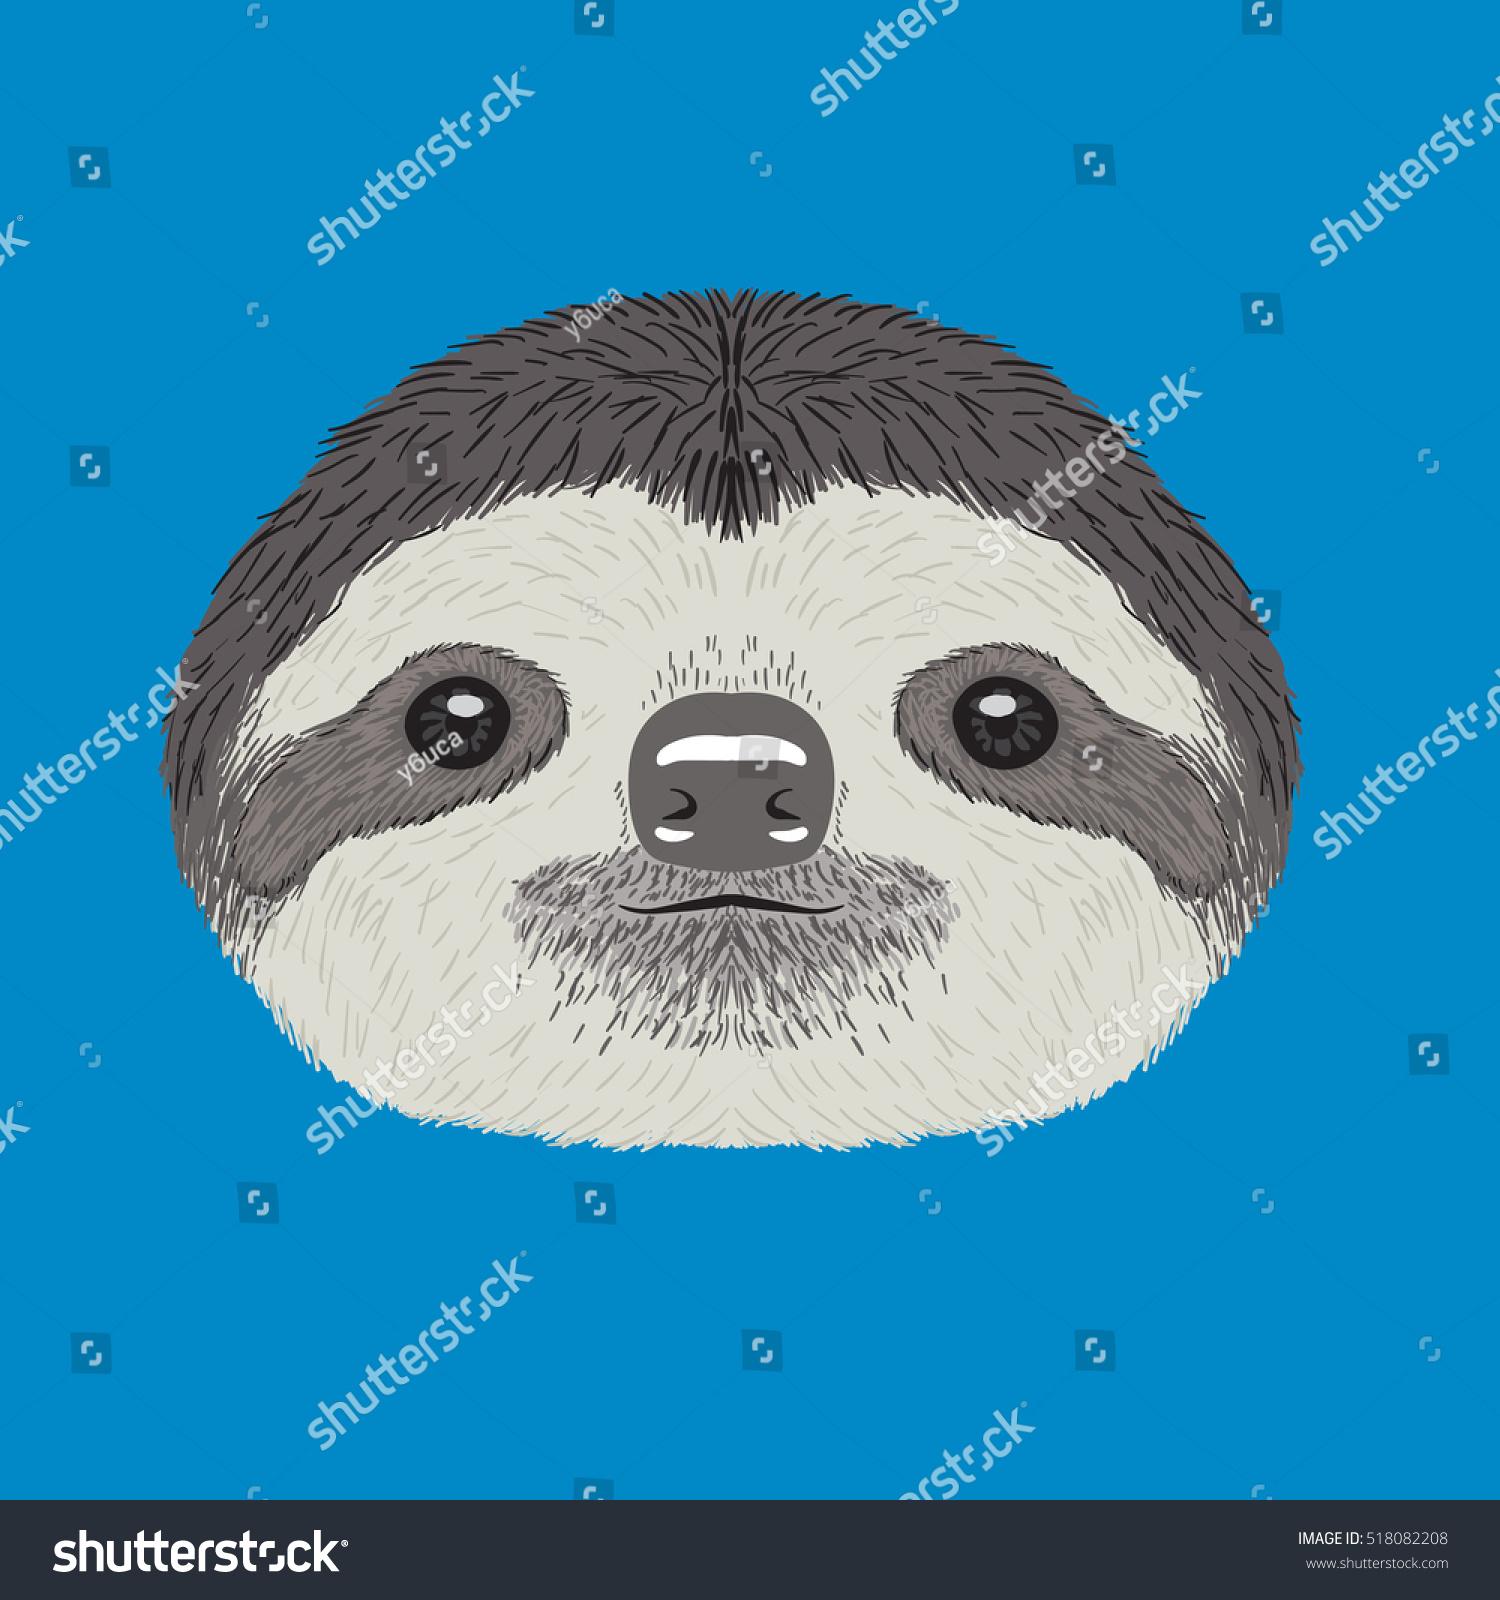 Sloth Vector Illustration - 518082208 : Shutterstock